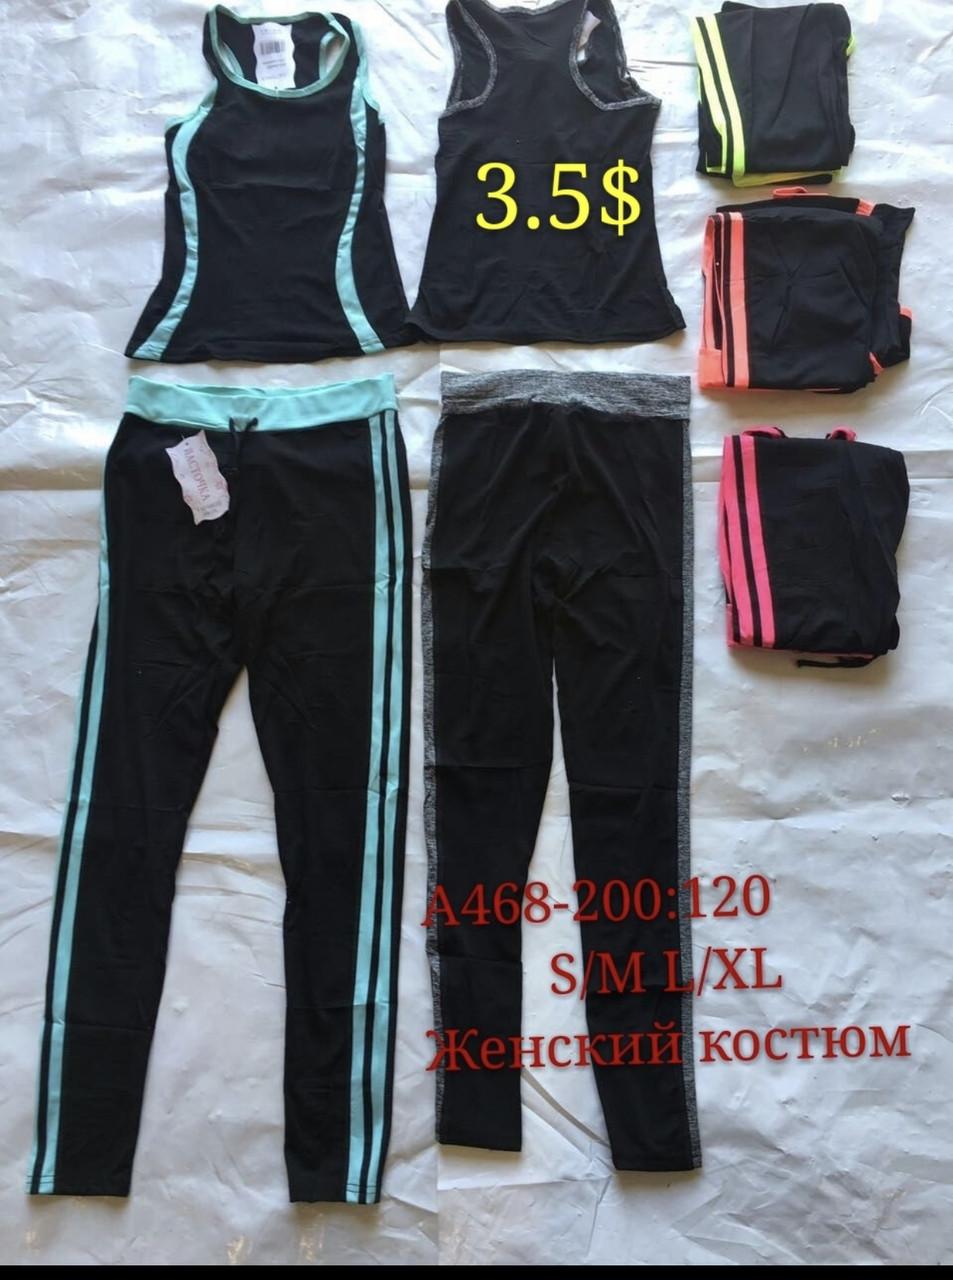 Спортивный костюм спорт S M L XL